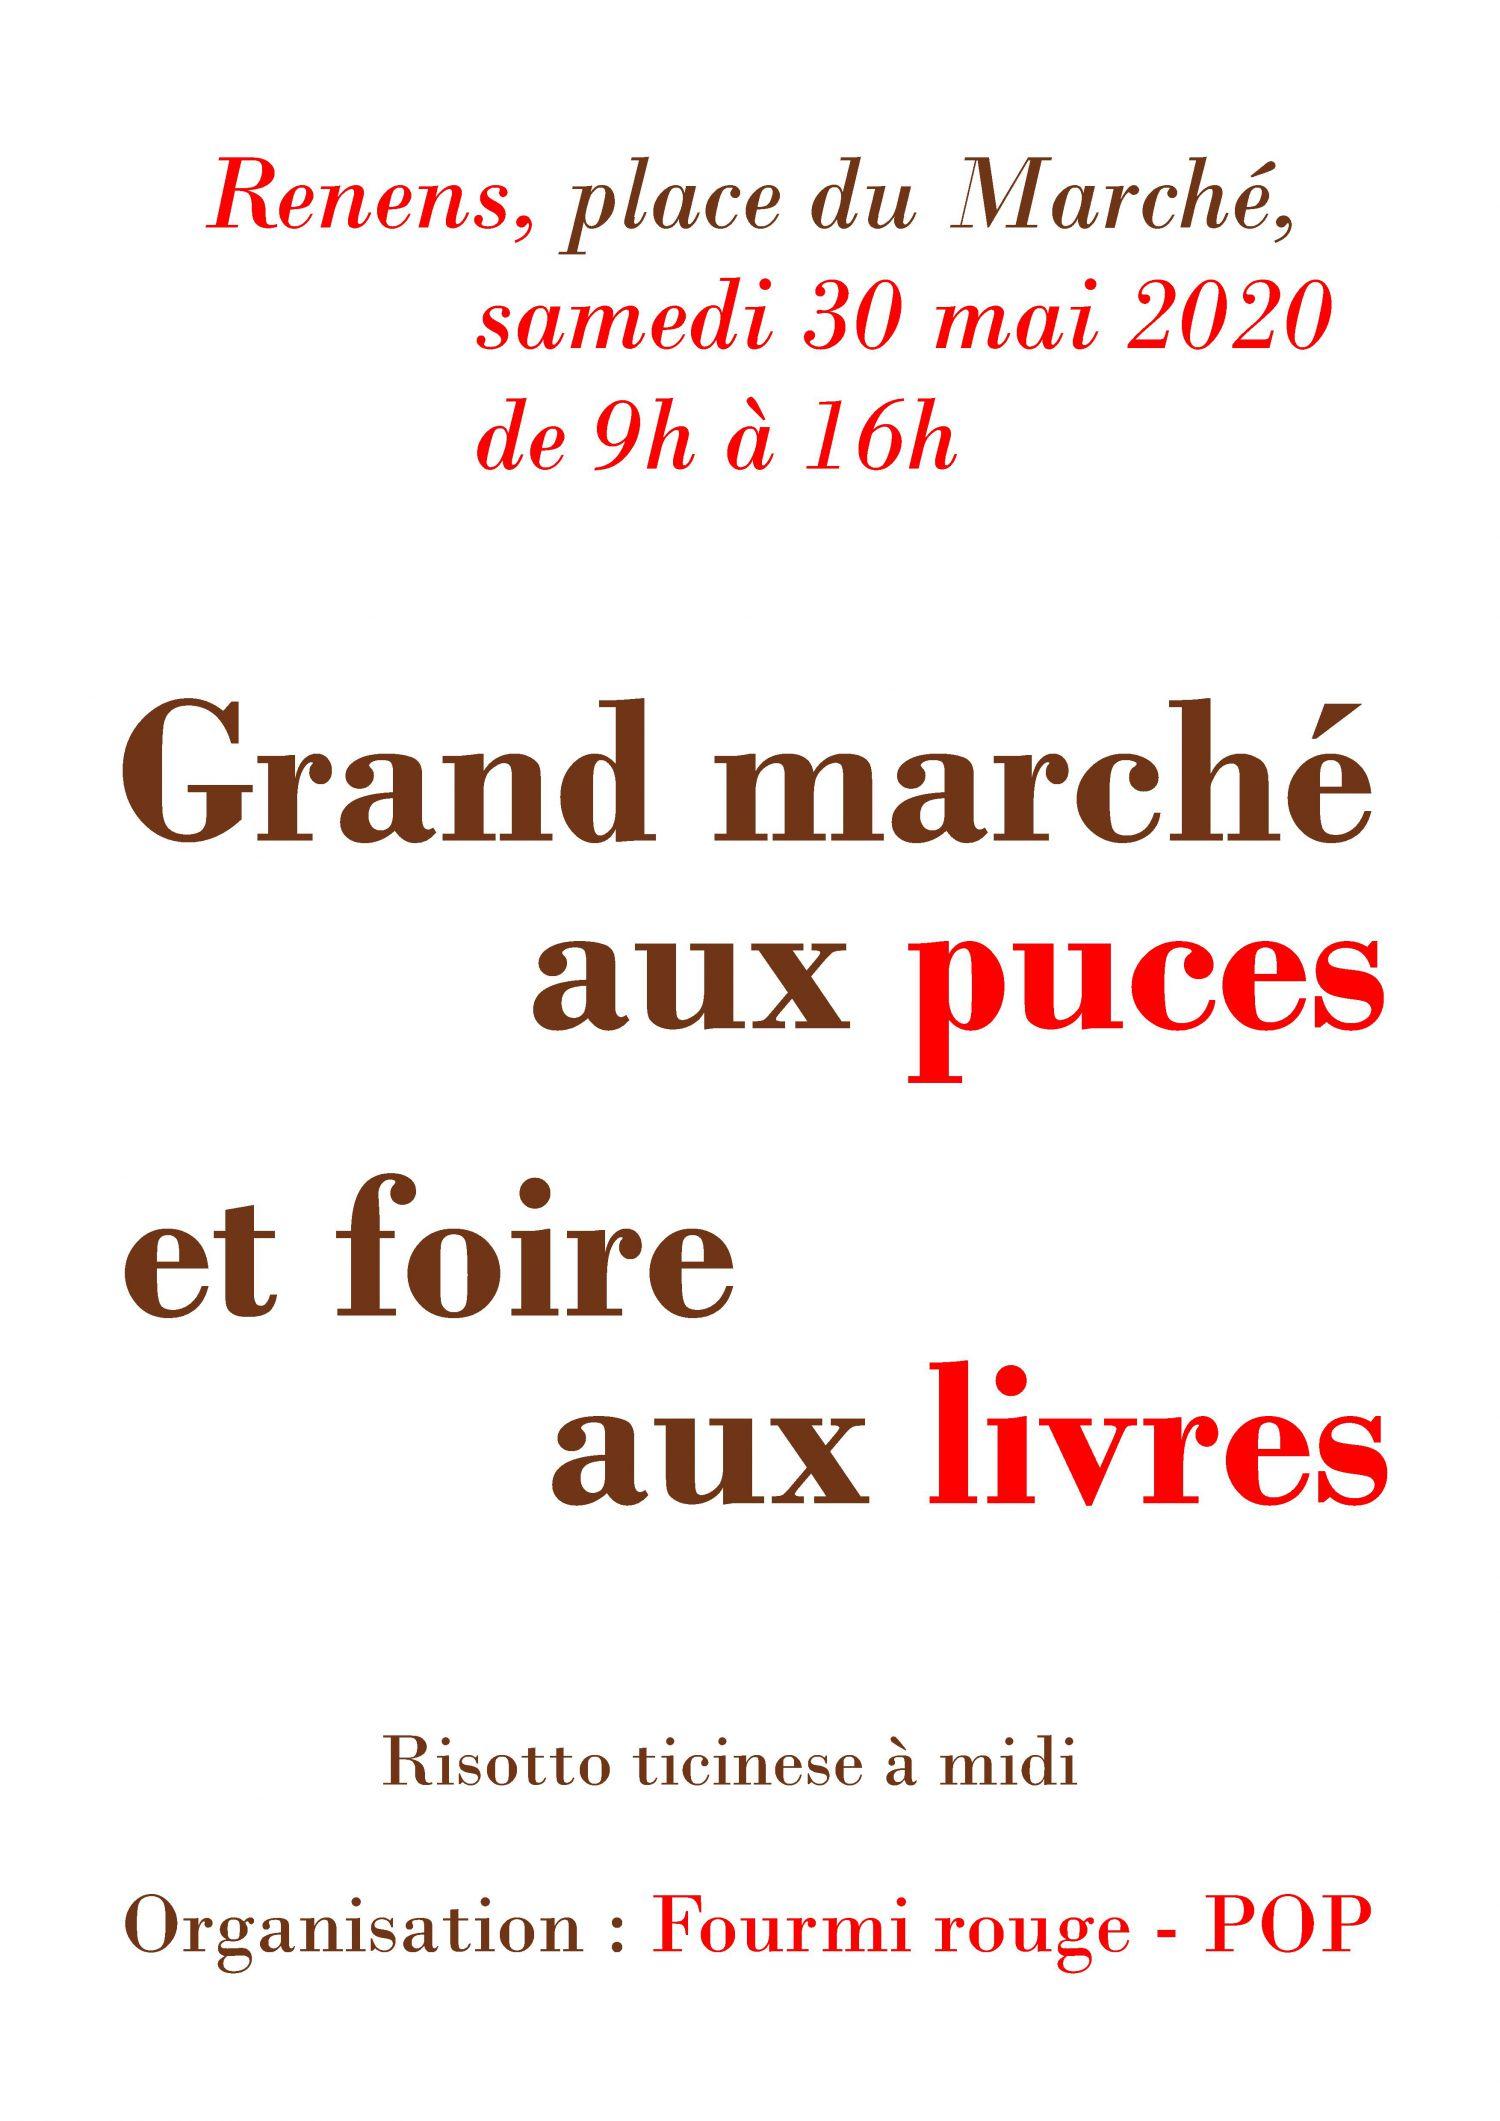 Marché aux puces de la Fourmi Rouge sur la place du Marché